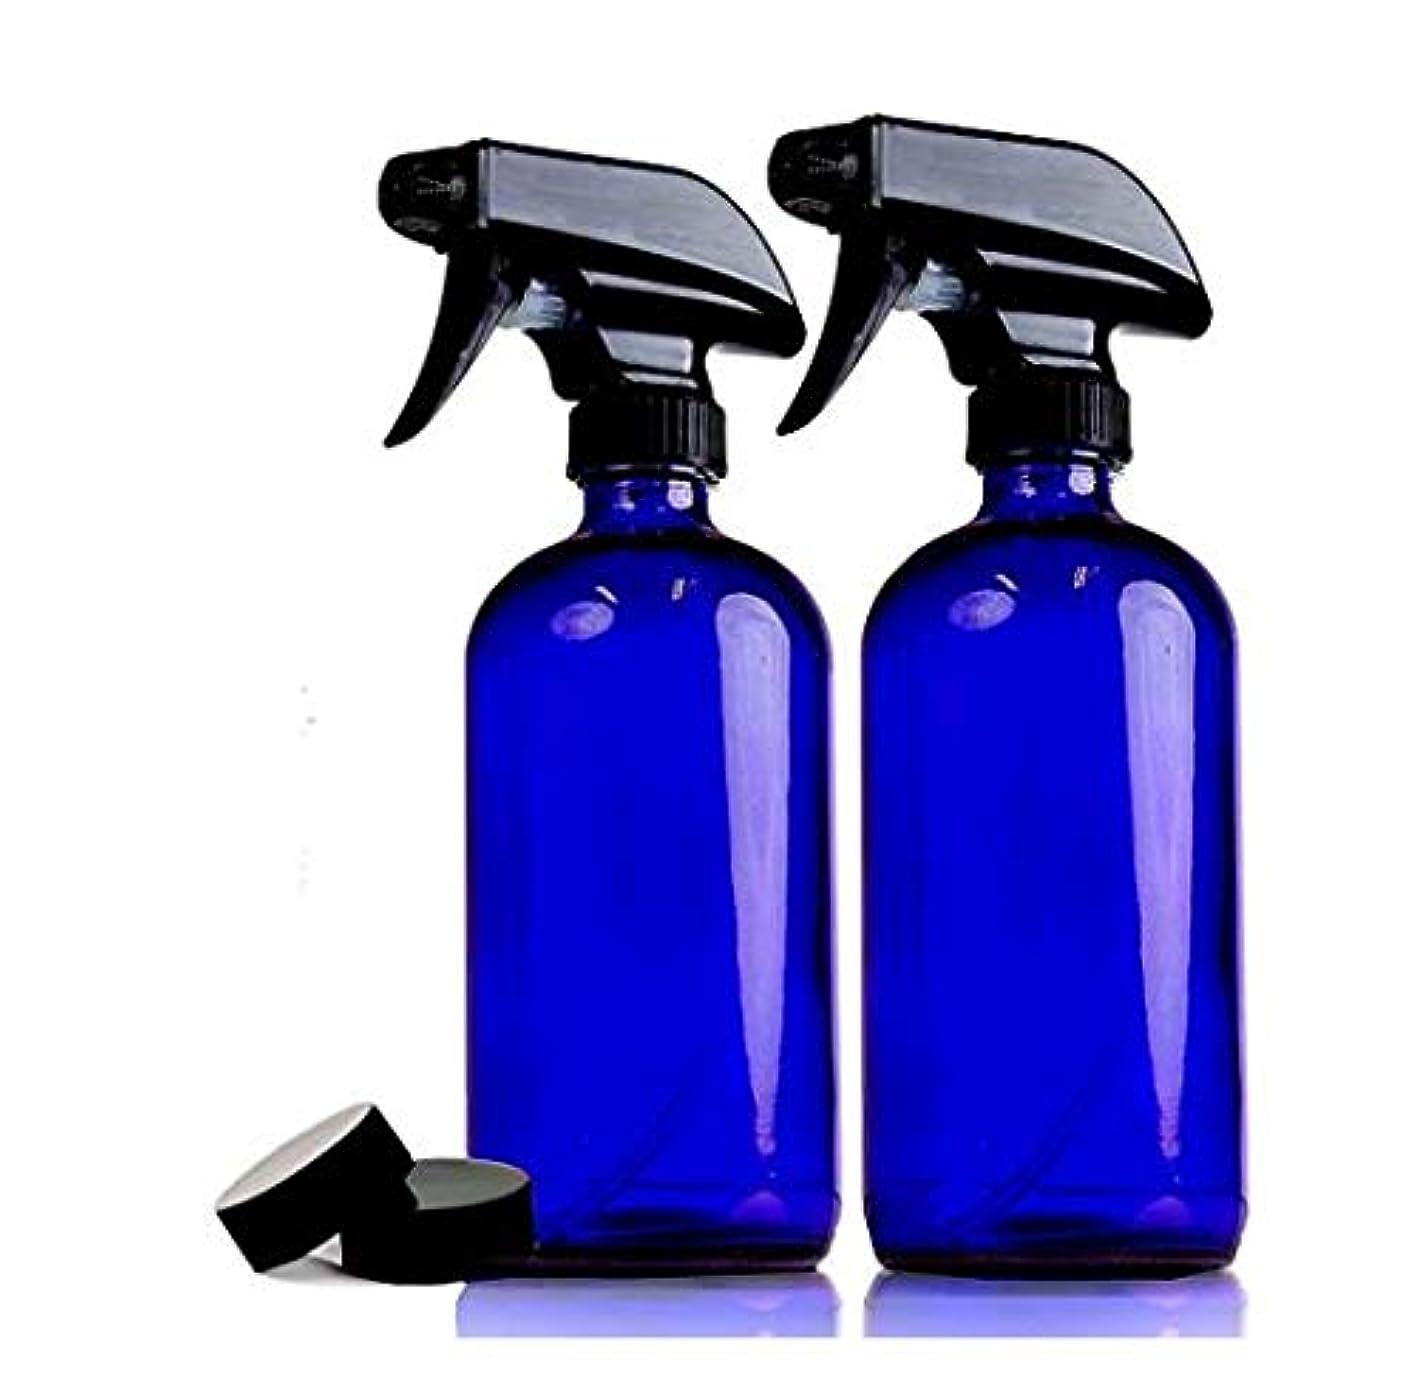 魅力コンドームオフェンス2本セット 遮光瓶 コバルトブルー ガラス スプレー ボトル 470ml 青ボトル [並行輸入品]